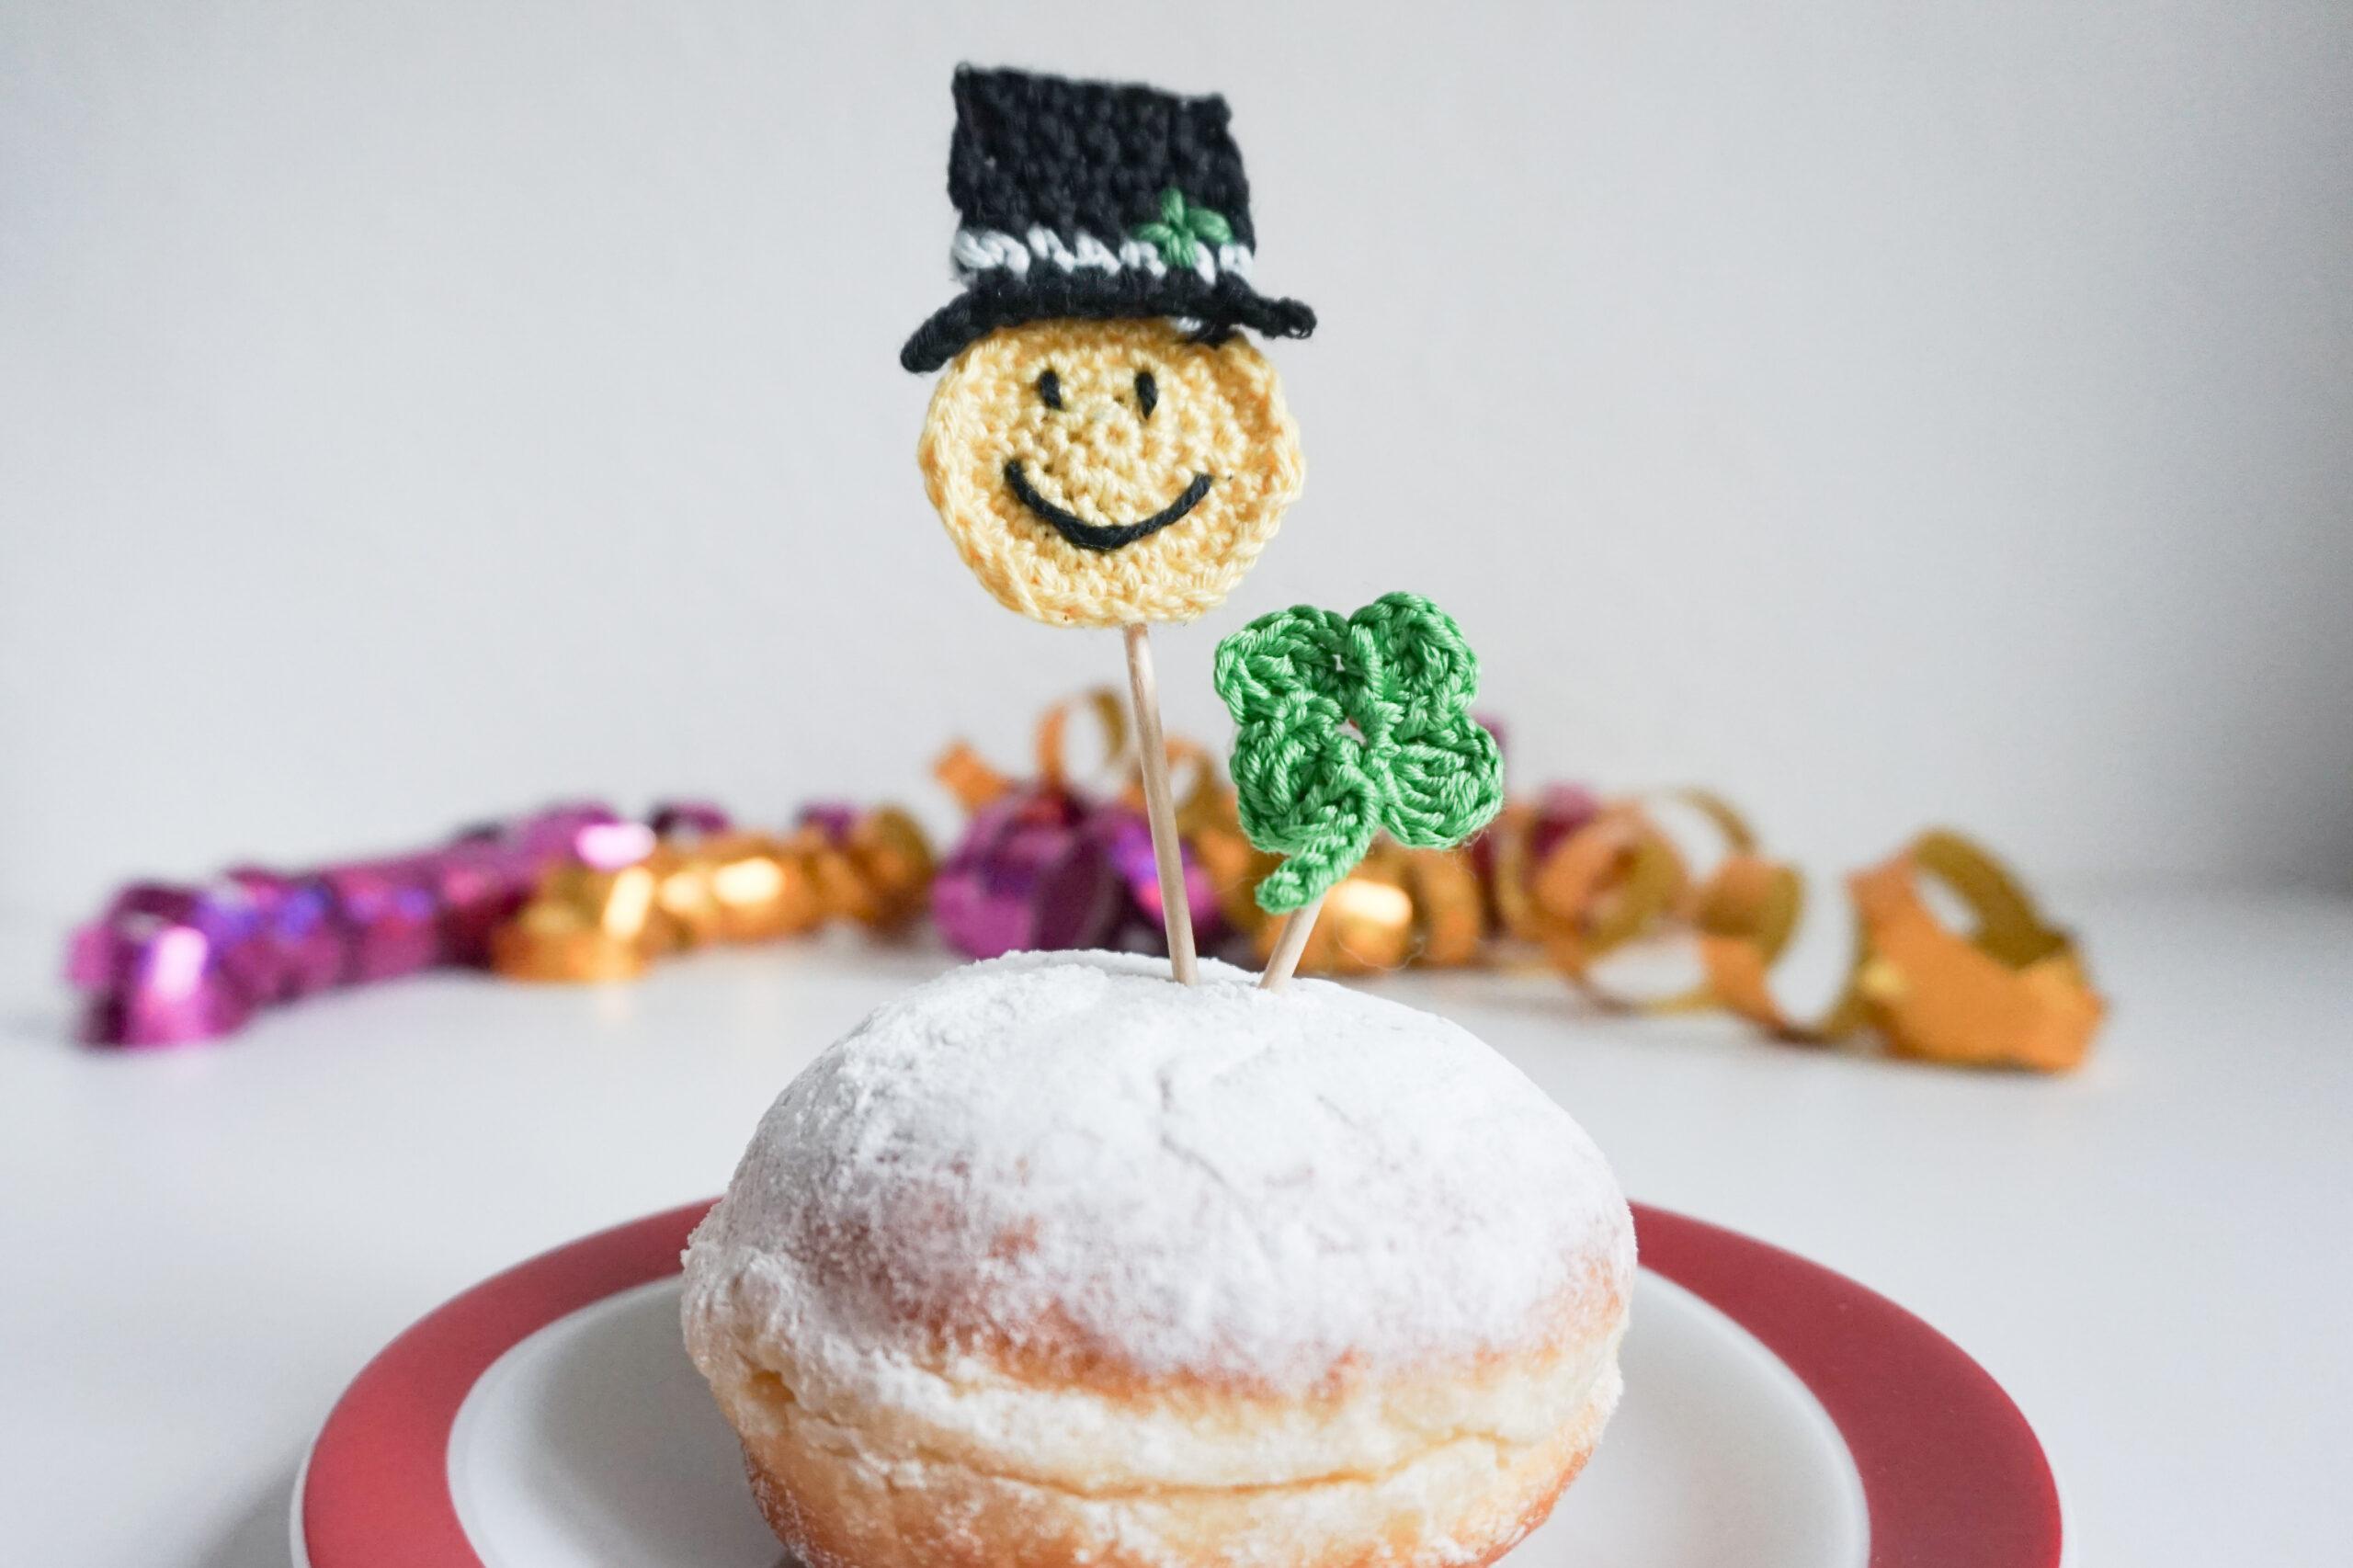 Gehäkelte Dekoration als Caketopper auf einem Pfannkuchen (Berliner)